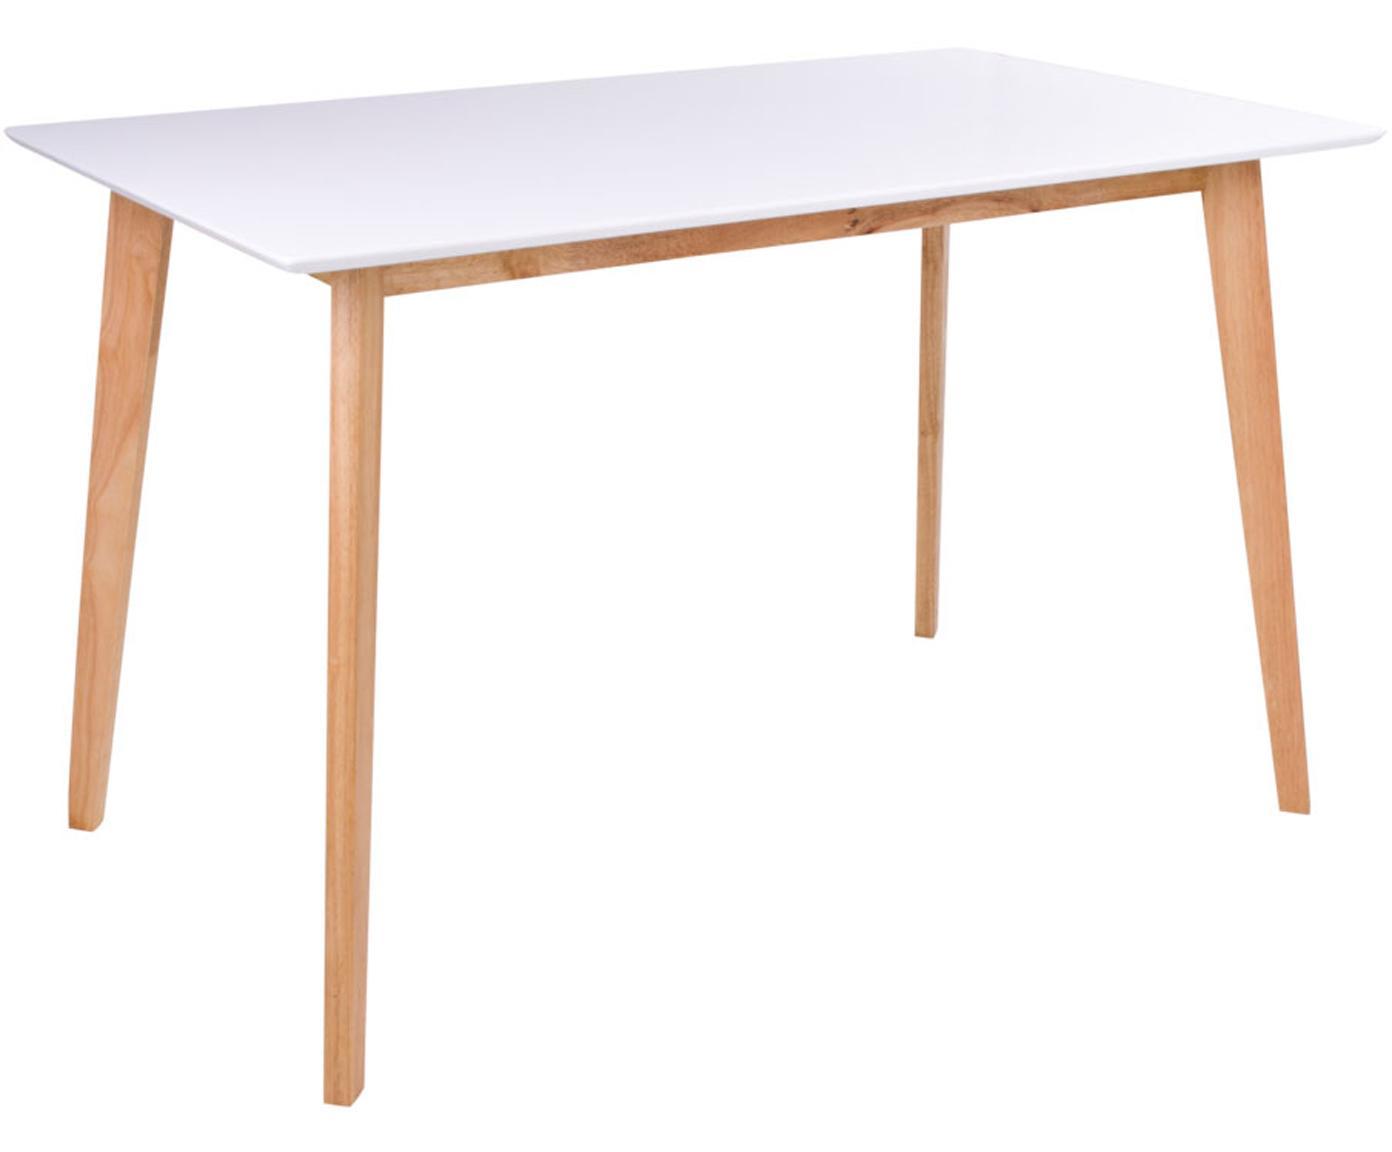 Tavolo con piano bianco Vojens, Piano d'appoggio: pannello di fibra a media, Piedini: legno di caucciù, Bianco, marrone, Larg. 120 x Prof. 70 cm